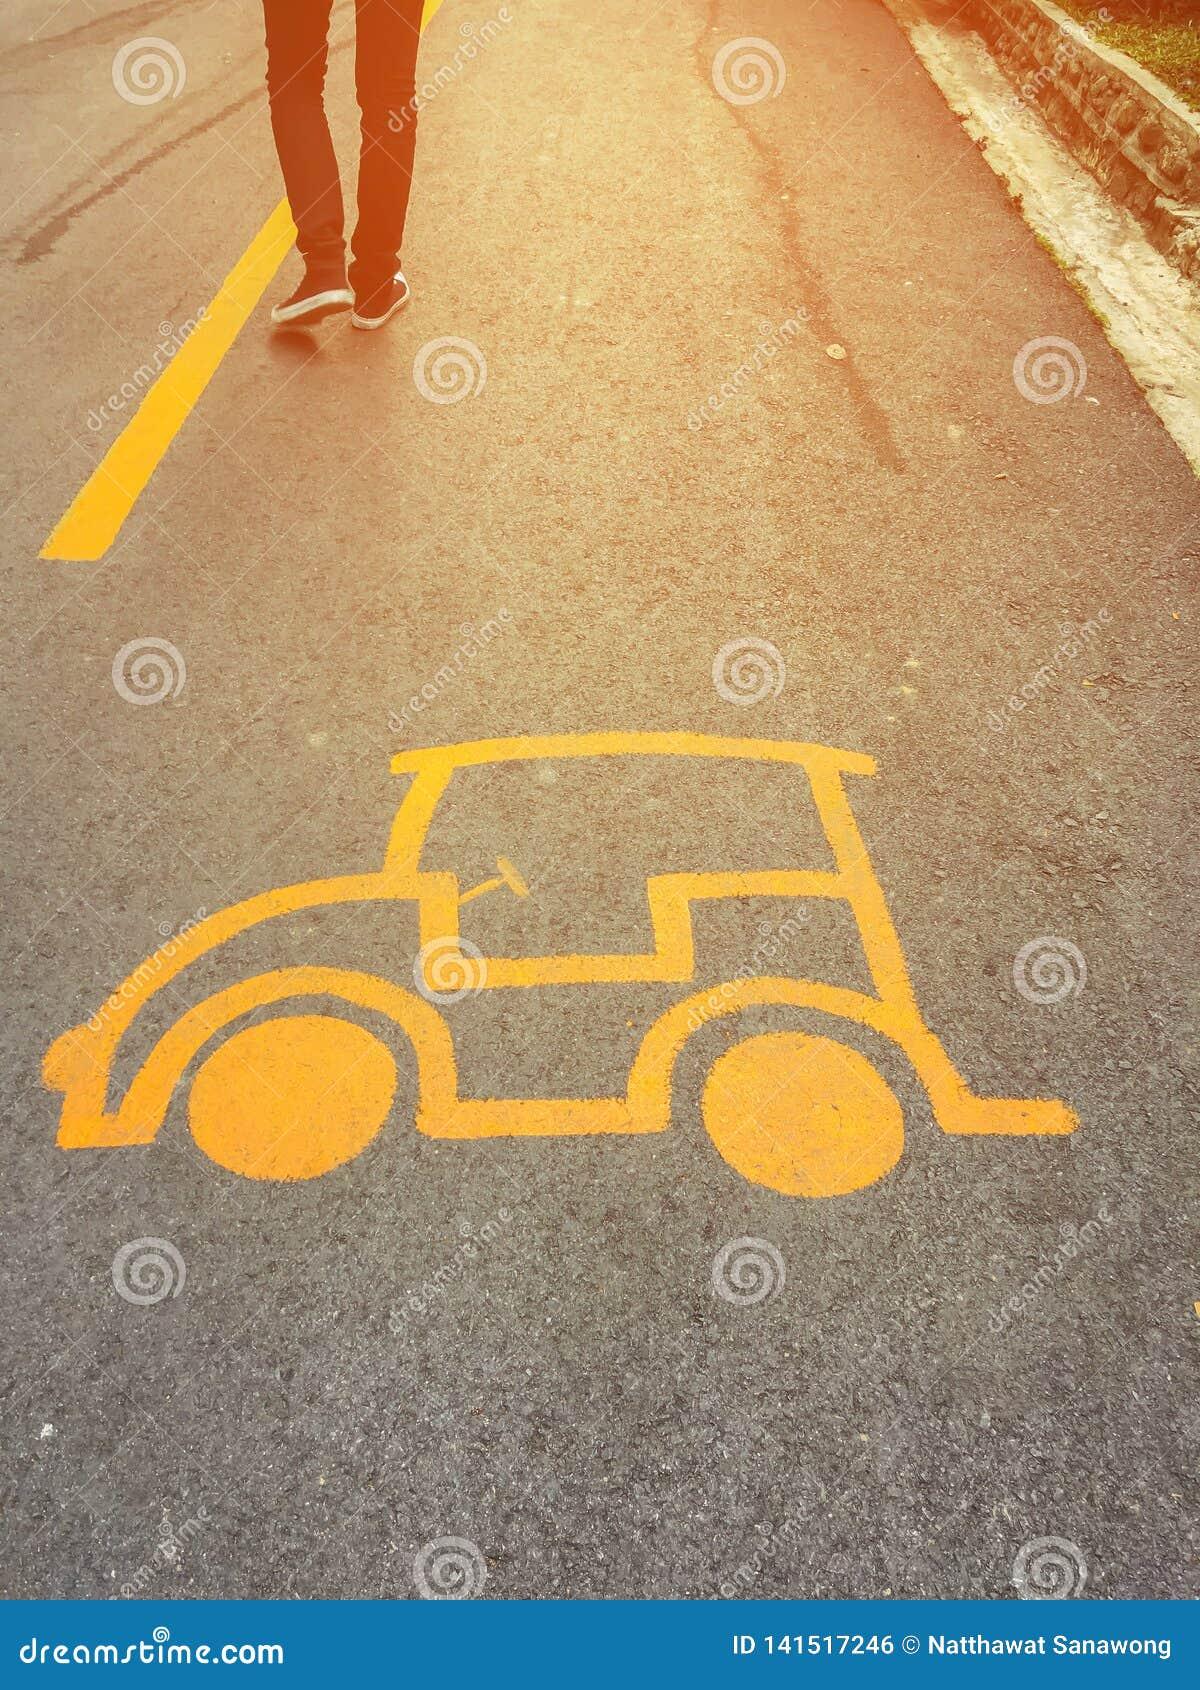 Señal de peligro del coche en la carretera de asfalto